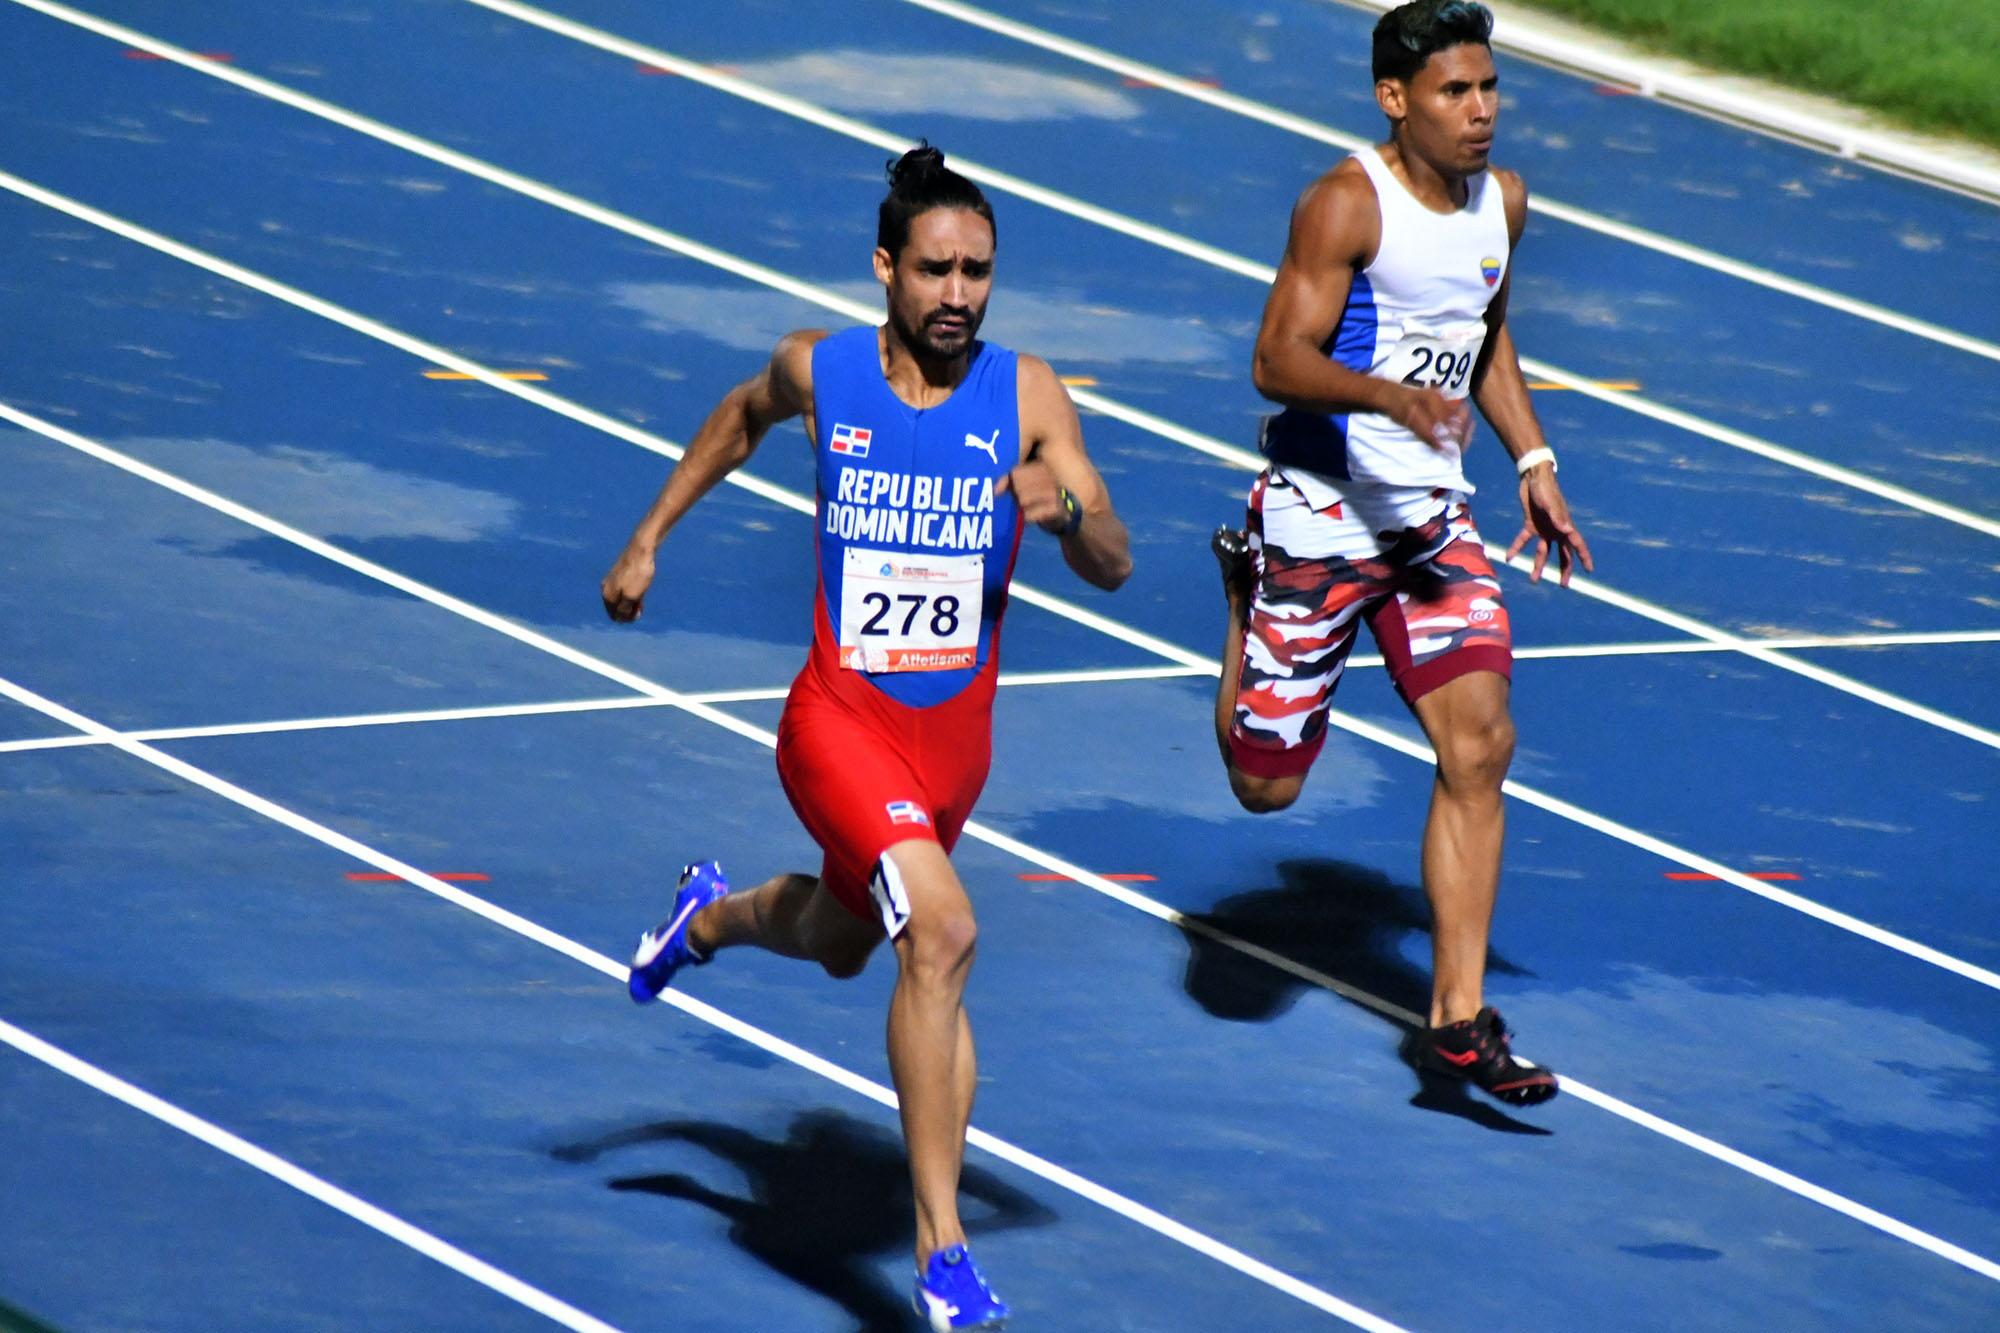 Luguelin se queda con el bronce en los 200 metros planos